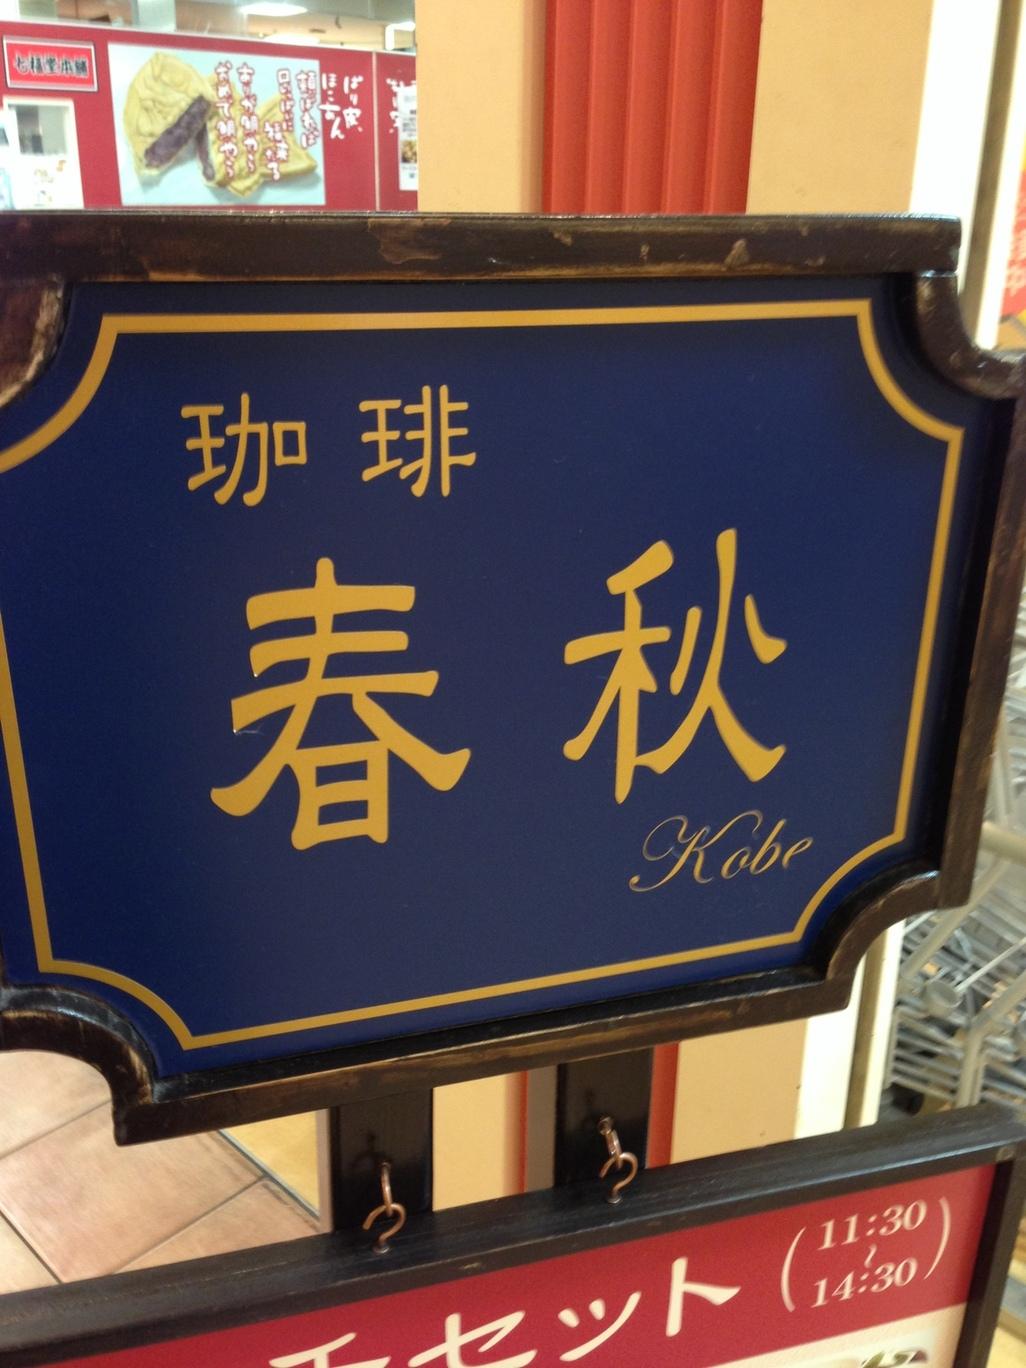 珈琲 春秋 Kobe 西宮北口店